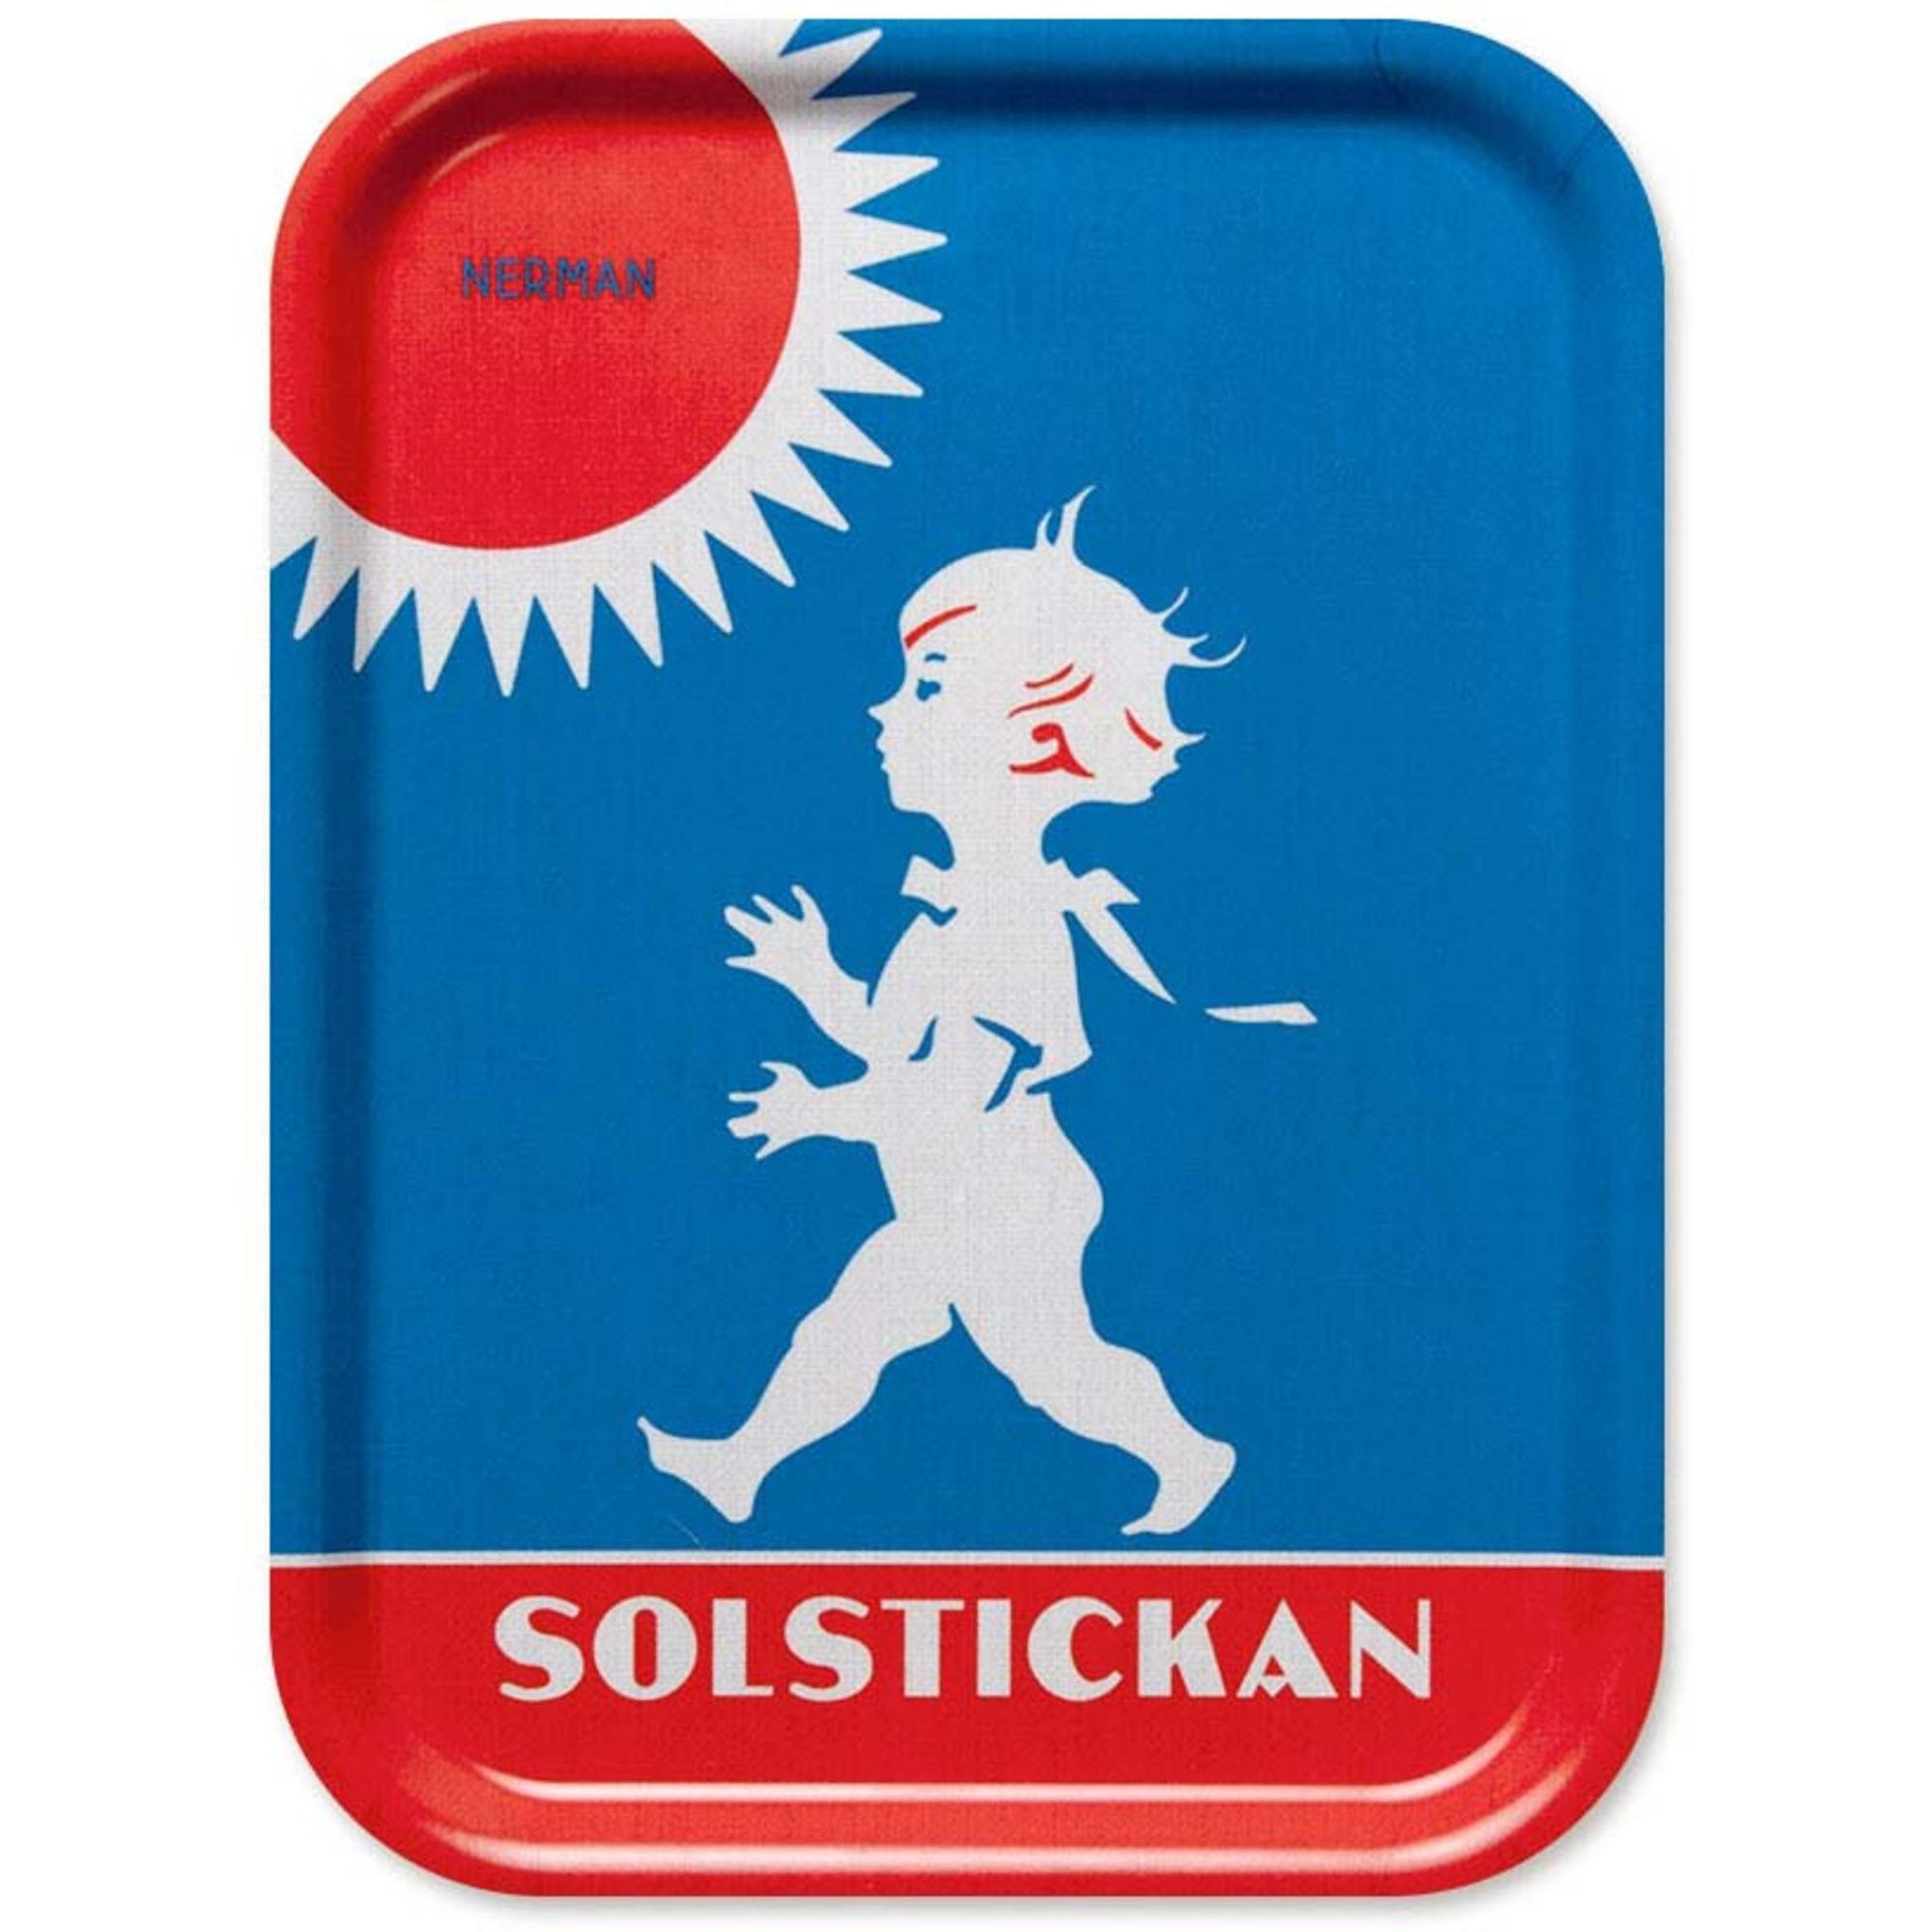 Solstickan Design Bricka Original Motiv 27×20